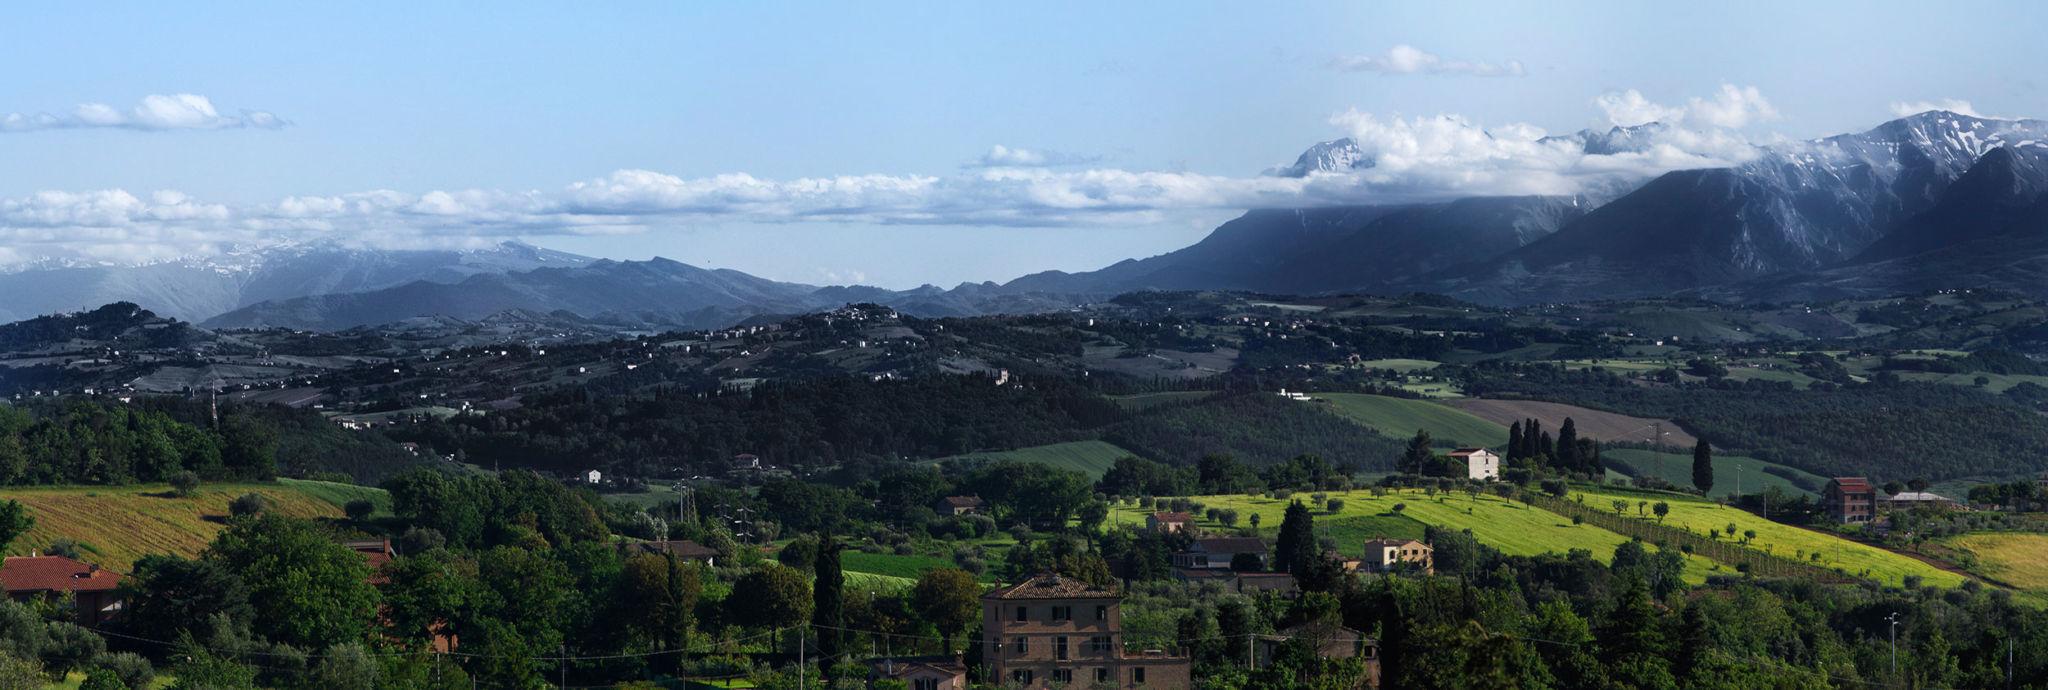 Summer Macerata